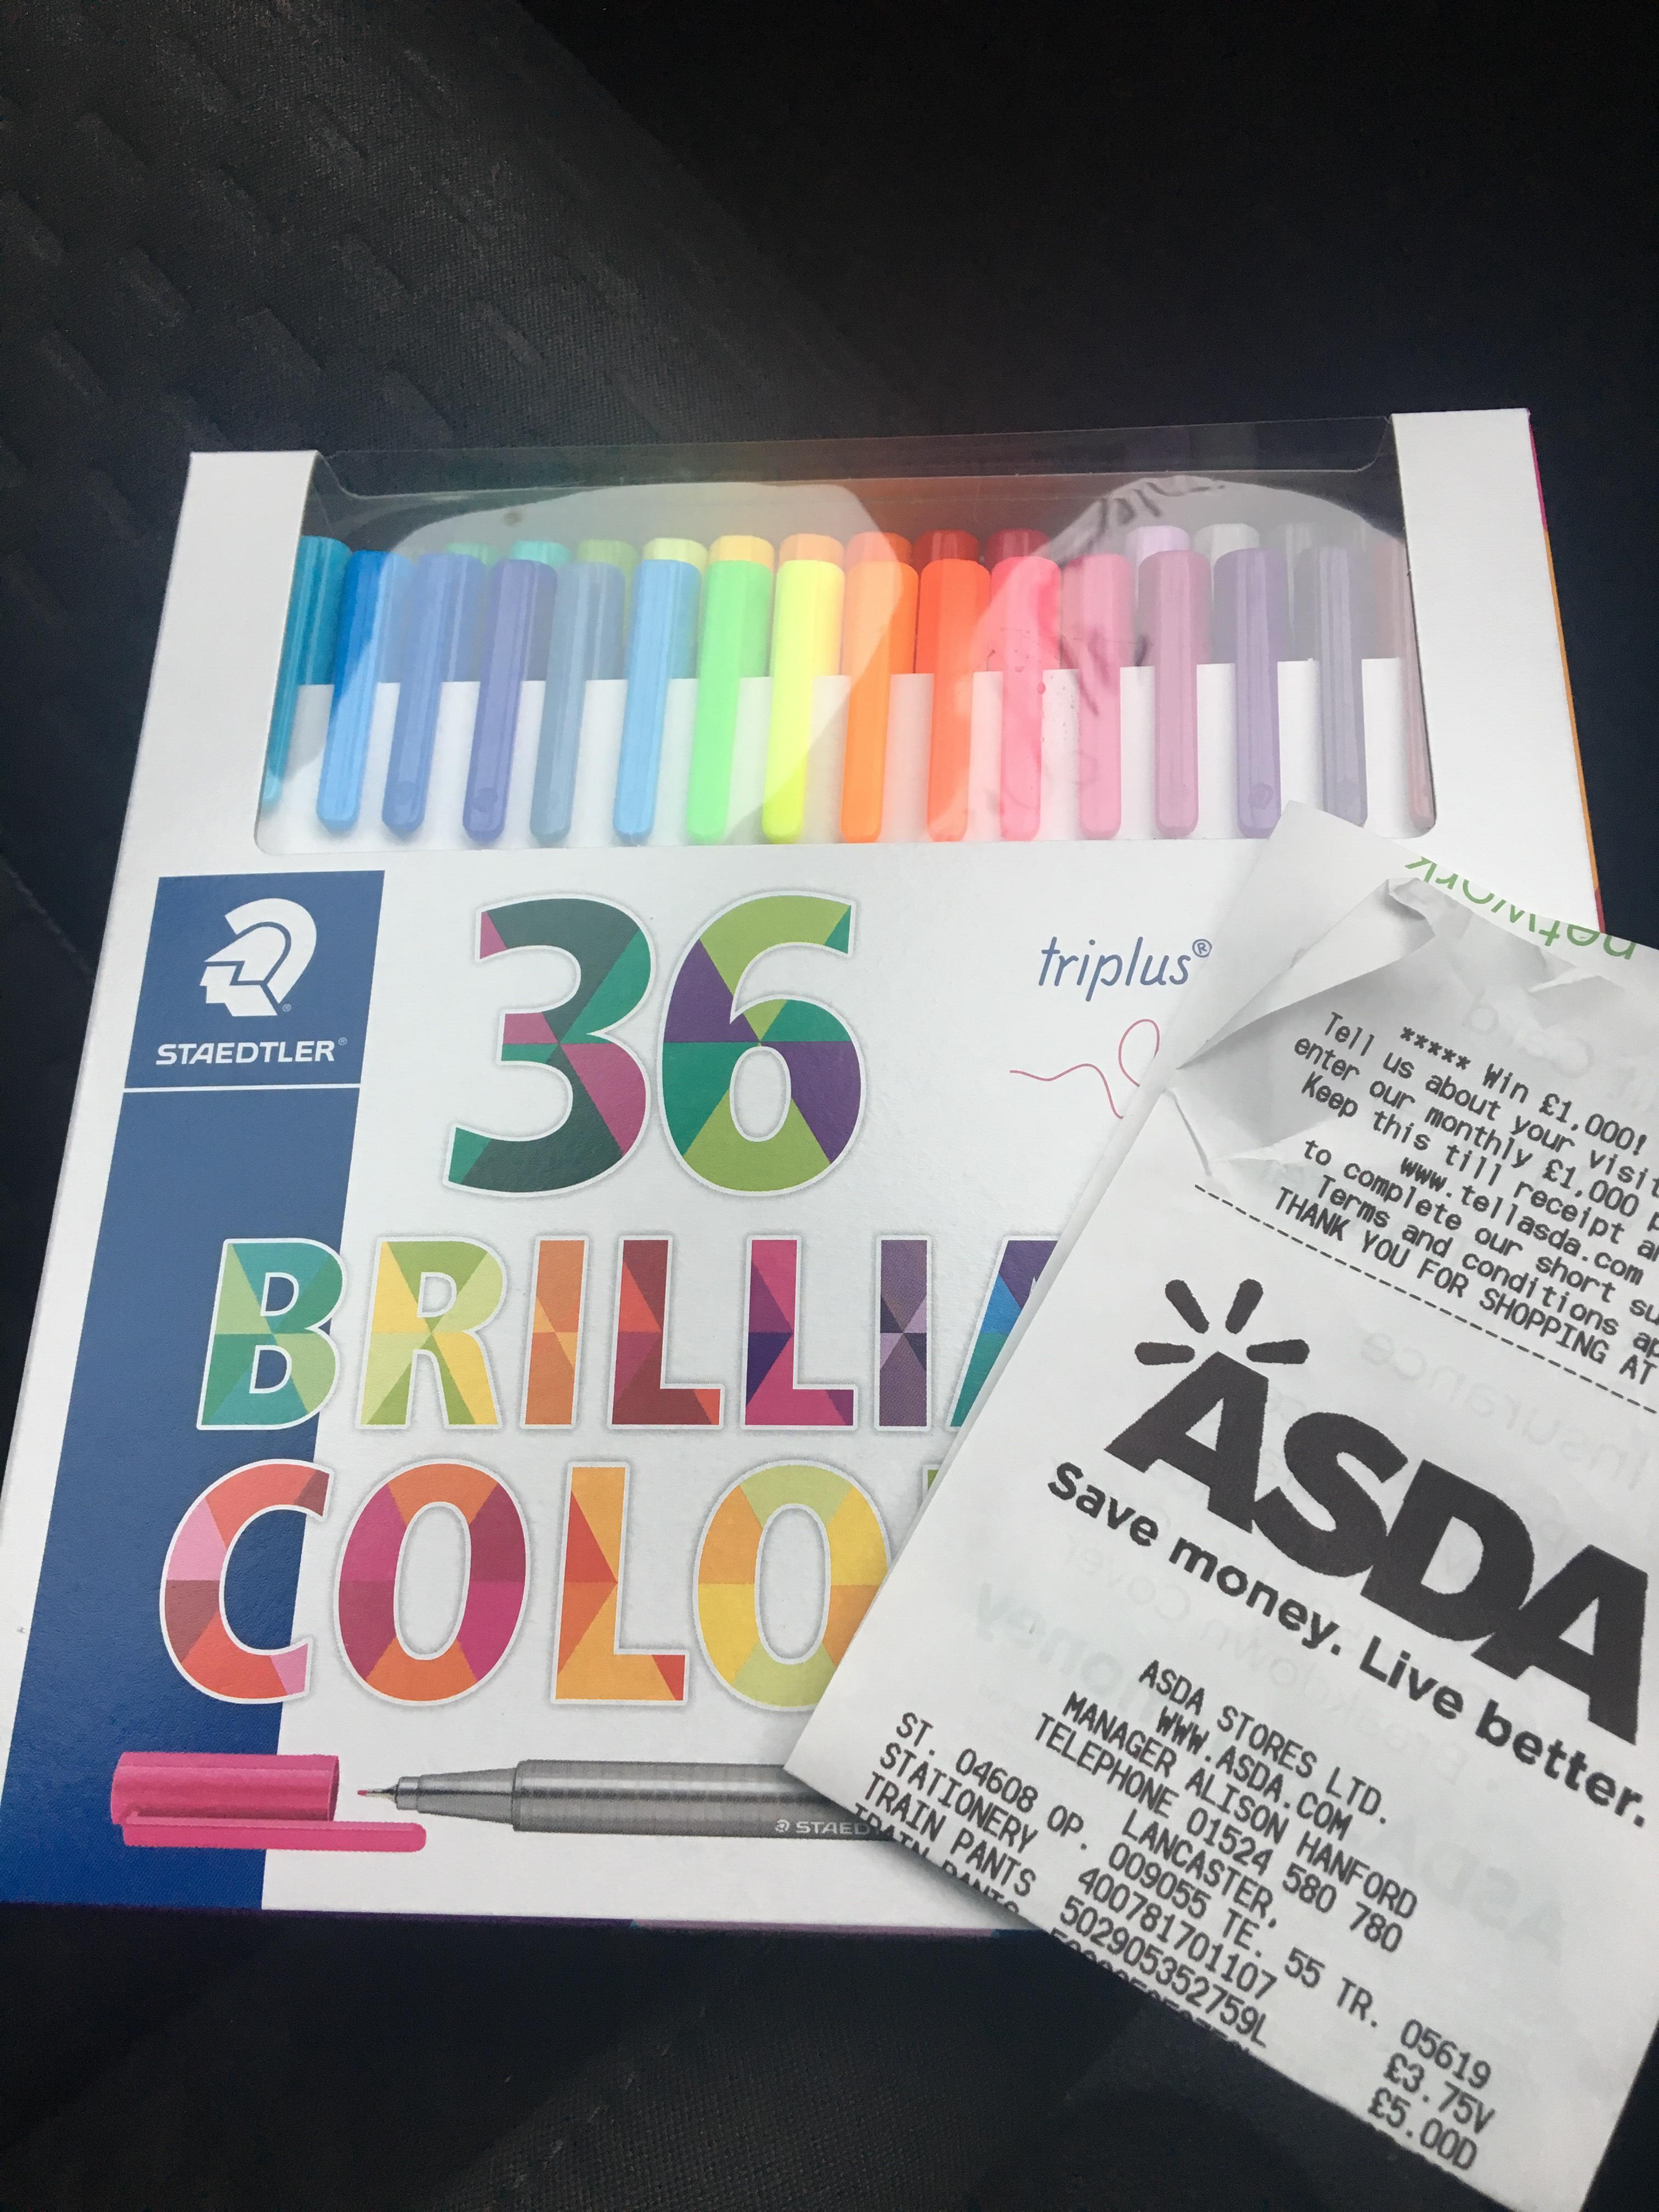 36 Staedtler Fineliners £3.75 Asda Instore Only - Lancaster